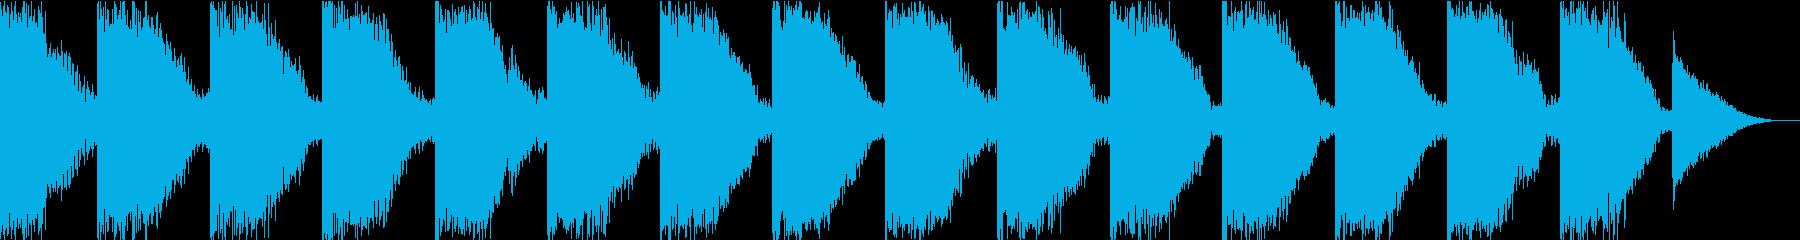 危険を知らせるブザーの音の再生済みの波形